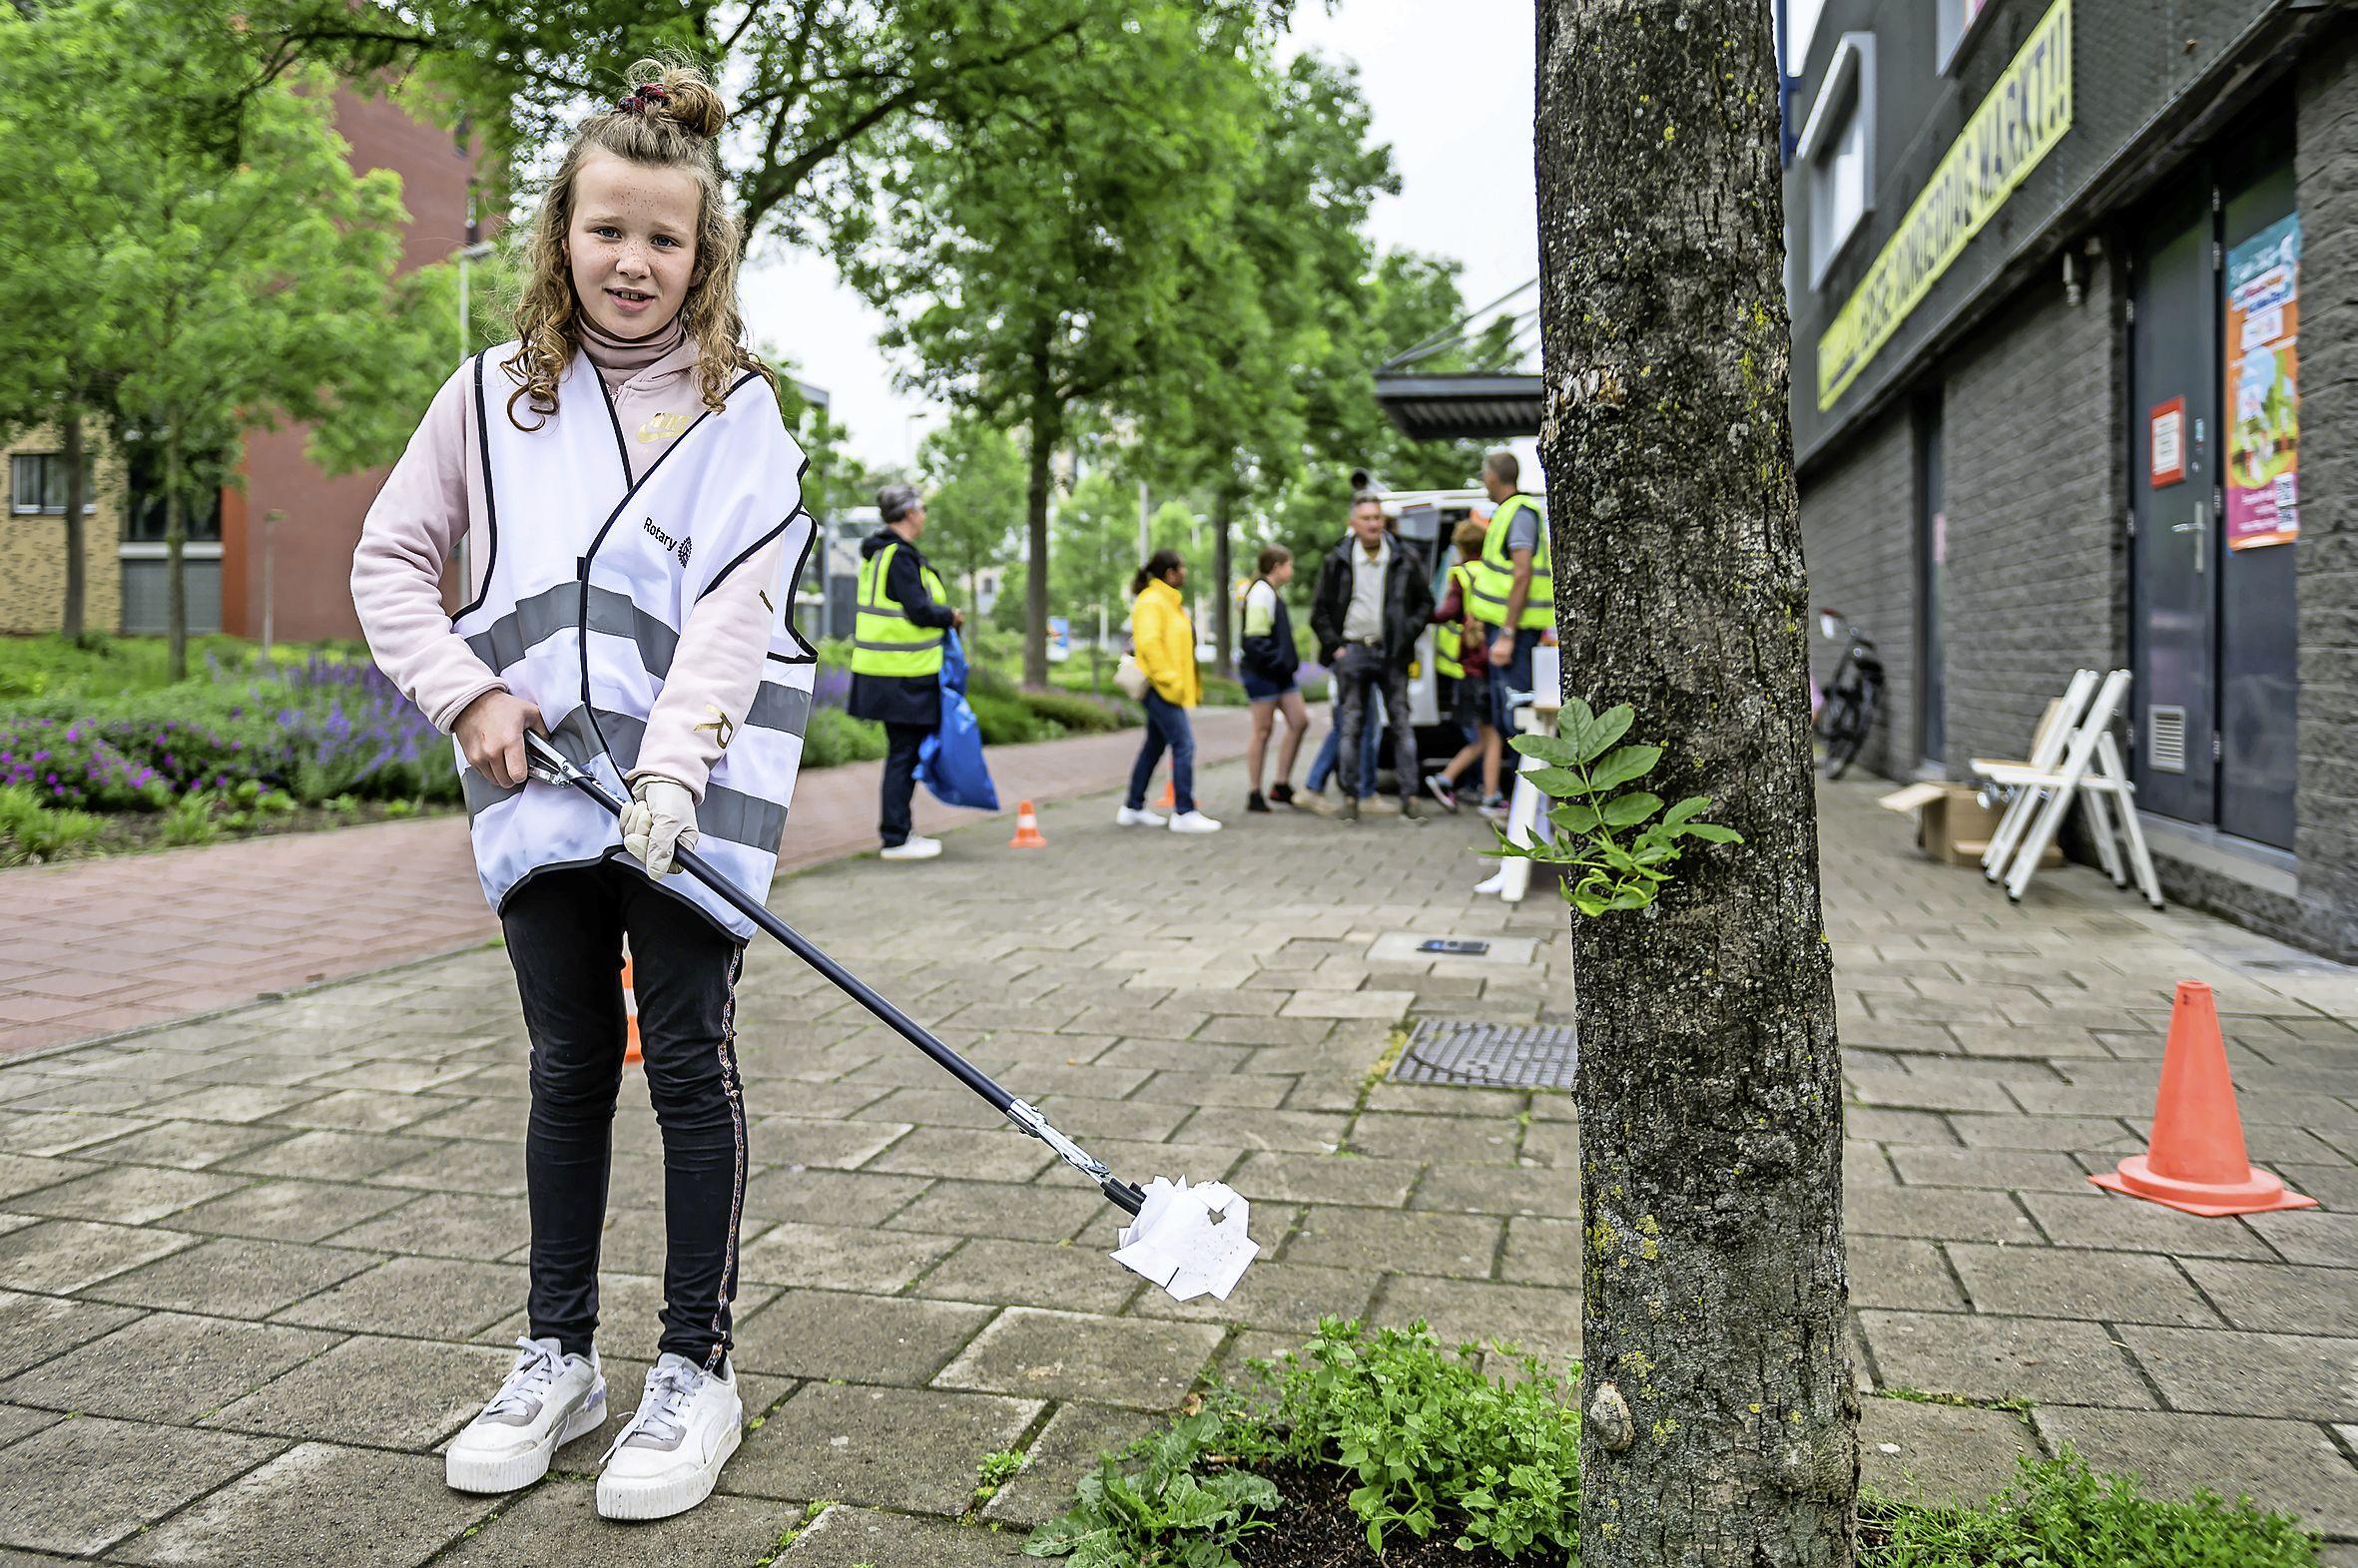 Rotary verzamelt 125 kilogram afval in tijdens Priknick Zwerfafval Estafette: 'De mondkapjes beginnen een probleem te worden'